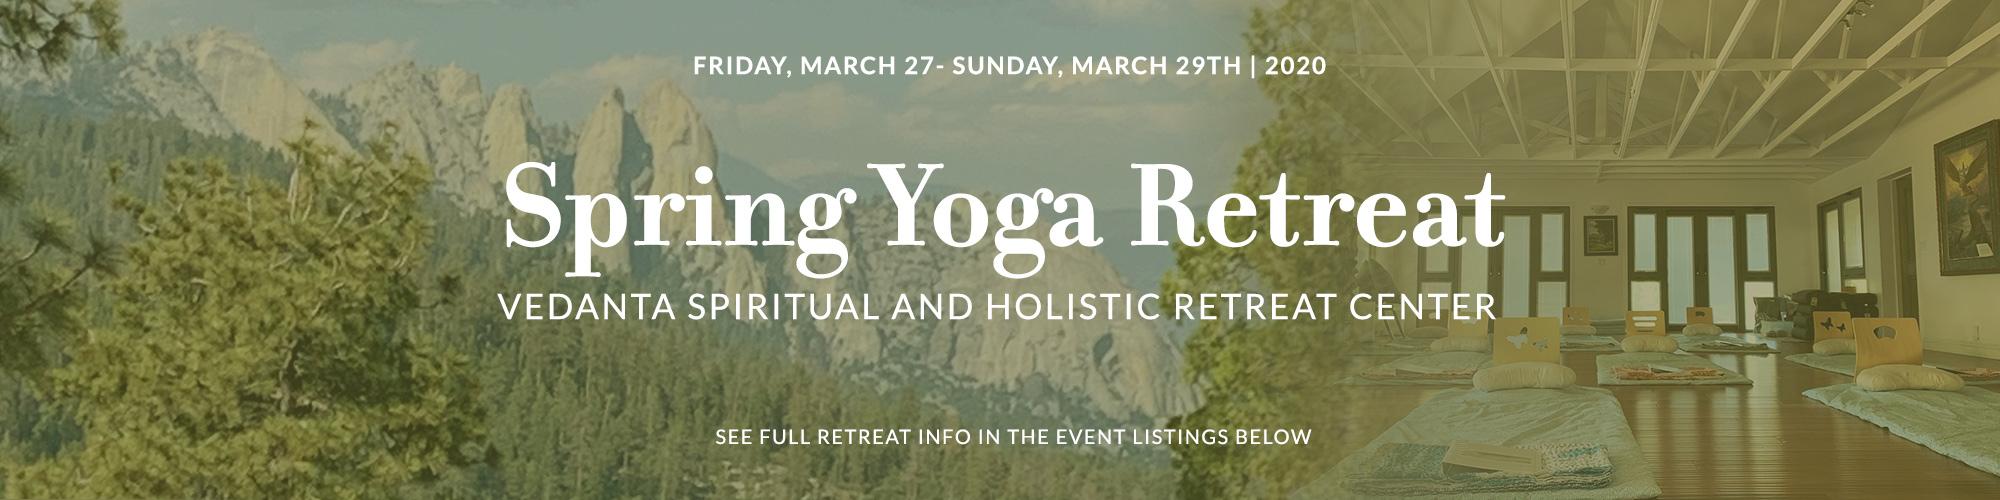 March Yoga Retreat